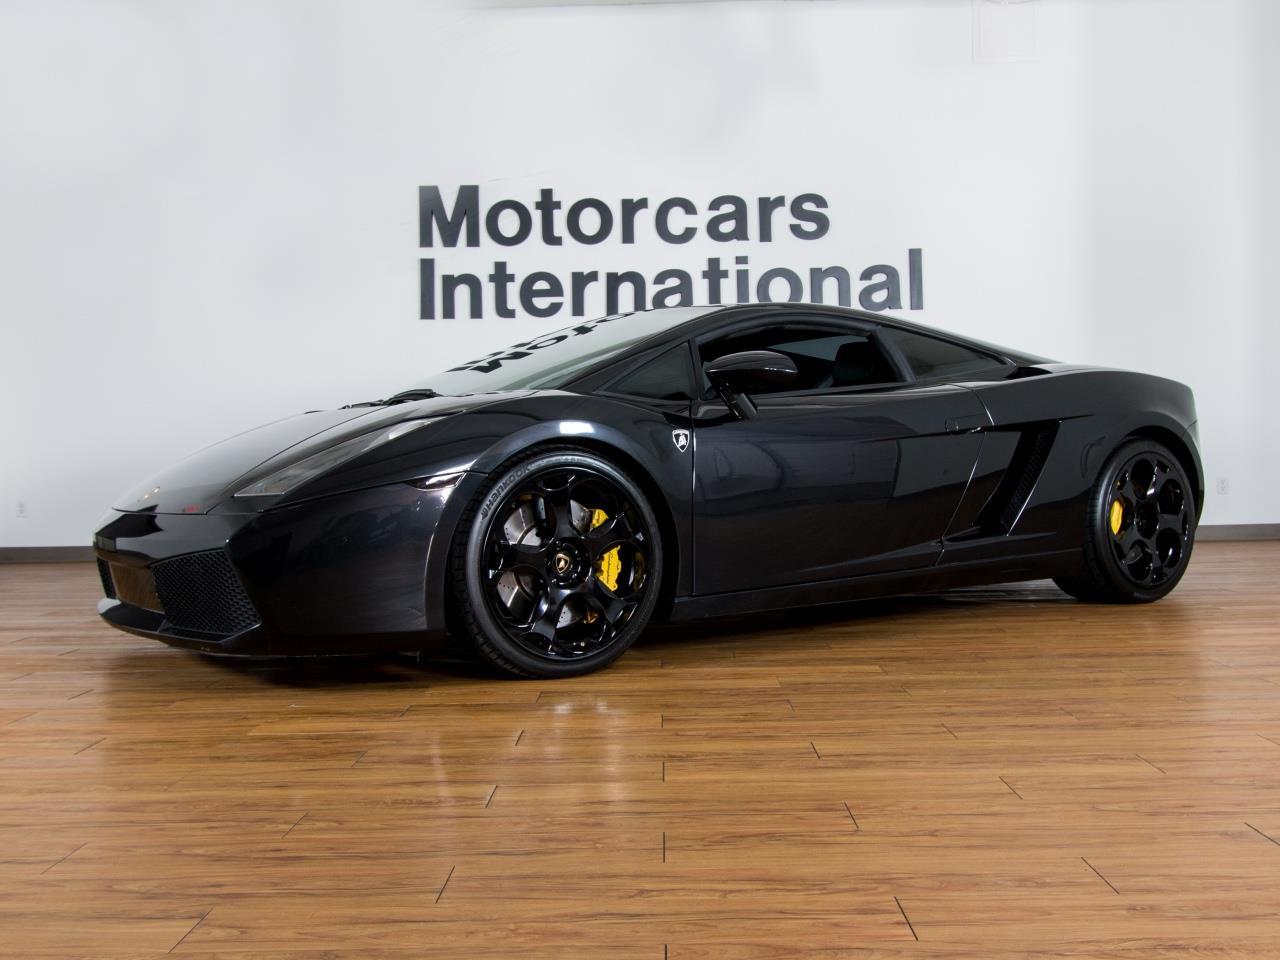 2004 Lamborghini Gallardo E-gear Coupe